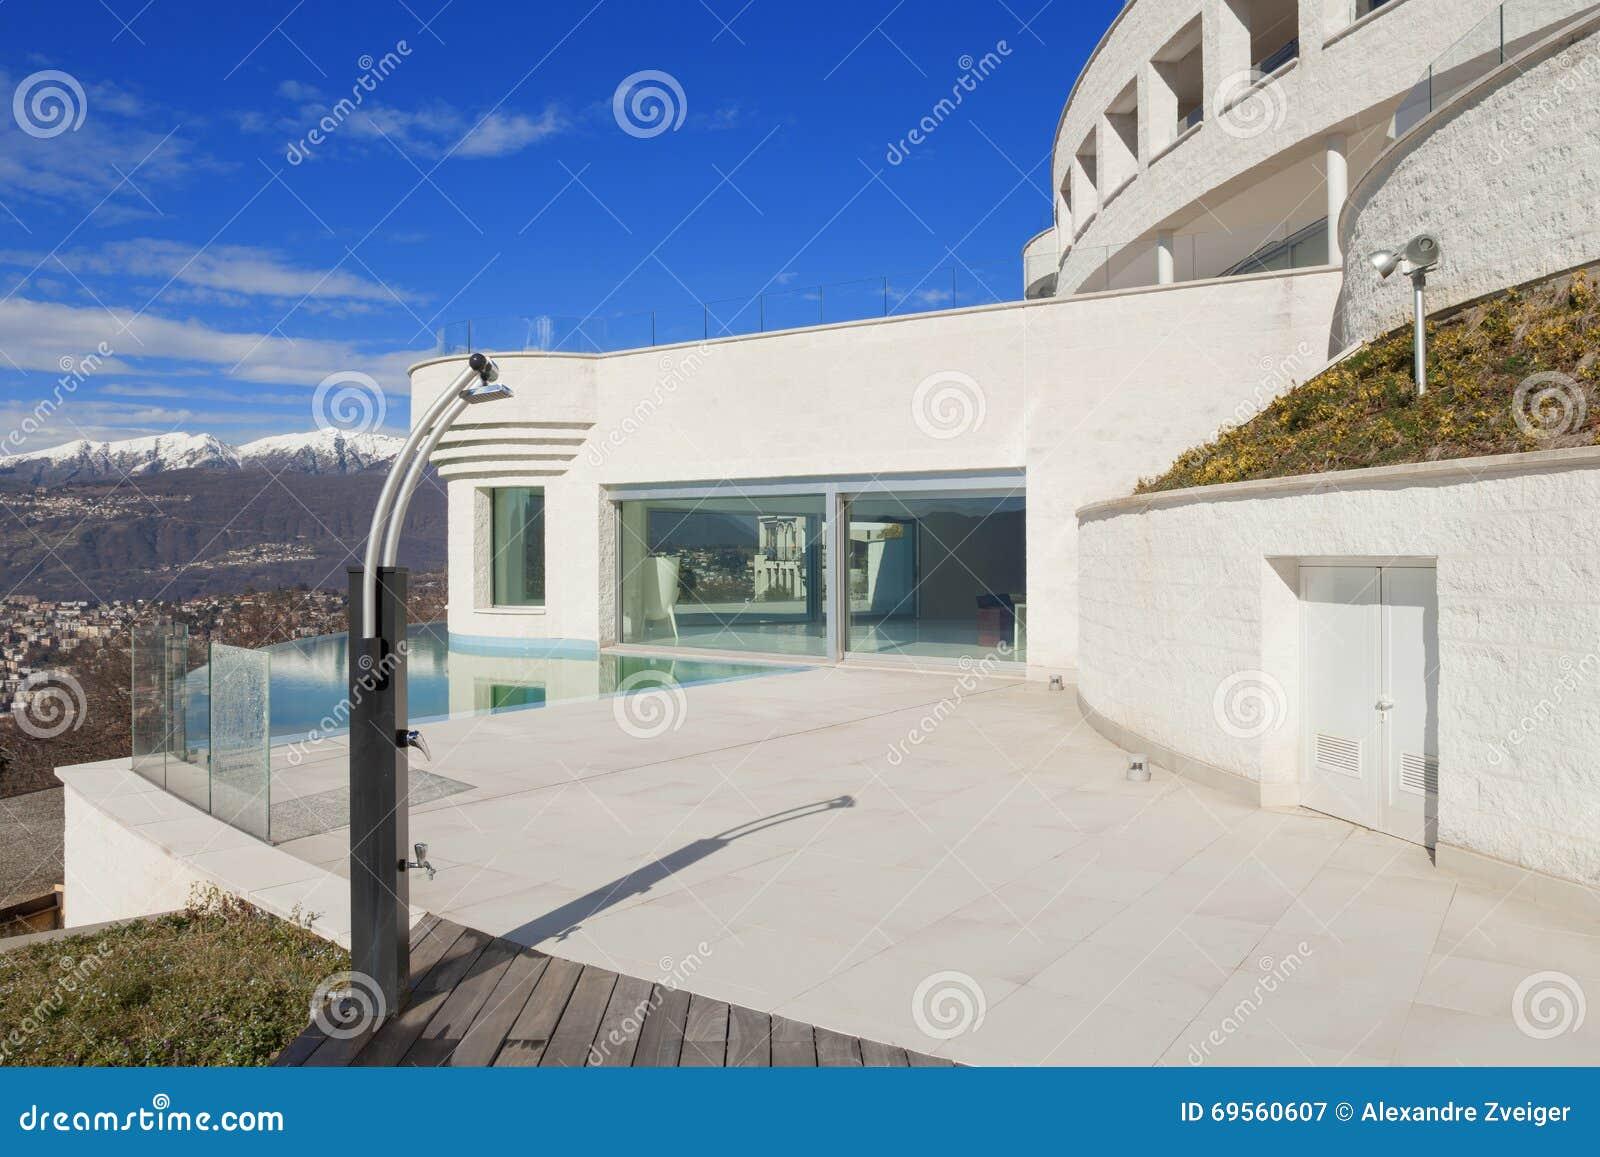 Terraza Del Edificio Moderno Imagen De Archivo Imagen De